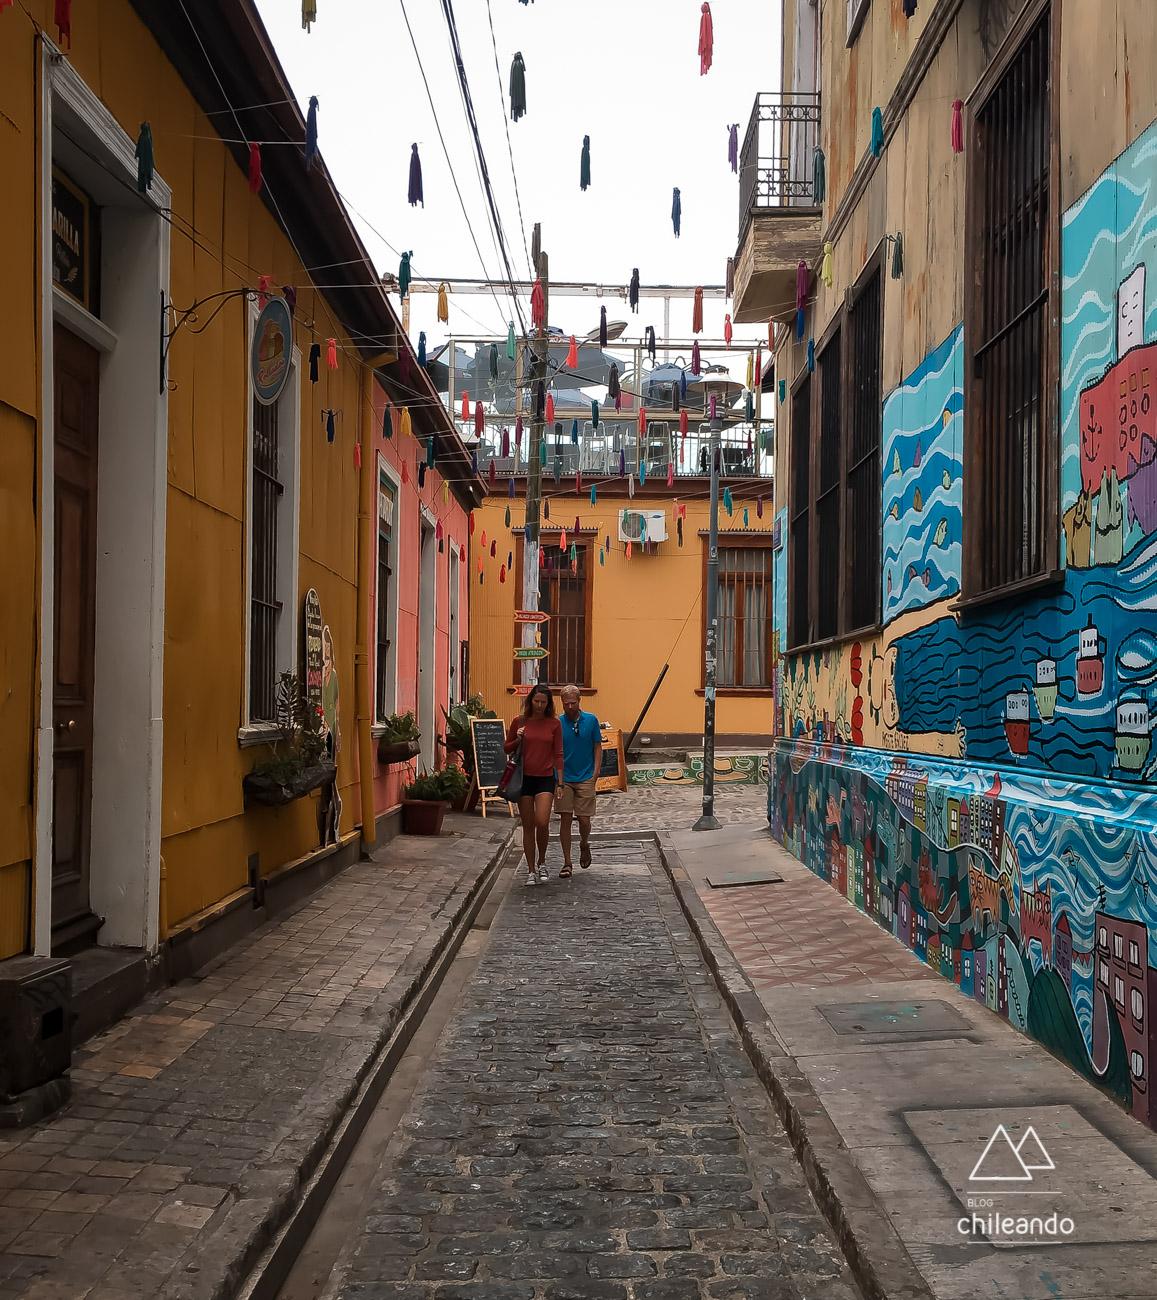 Passeio pelas ruas coloridas de Valparaíso